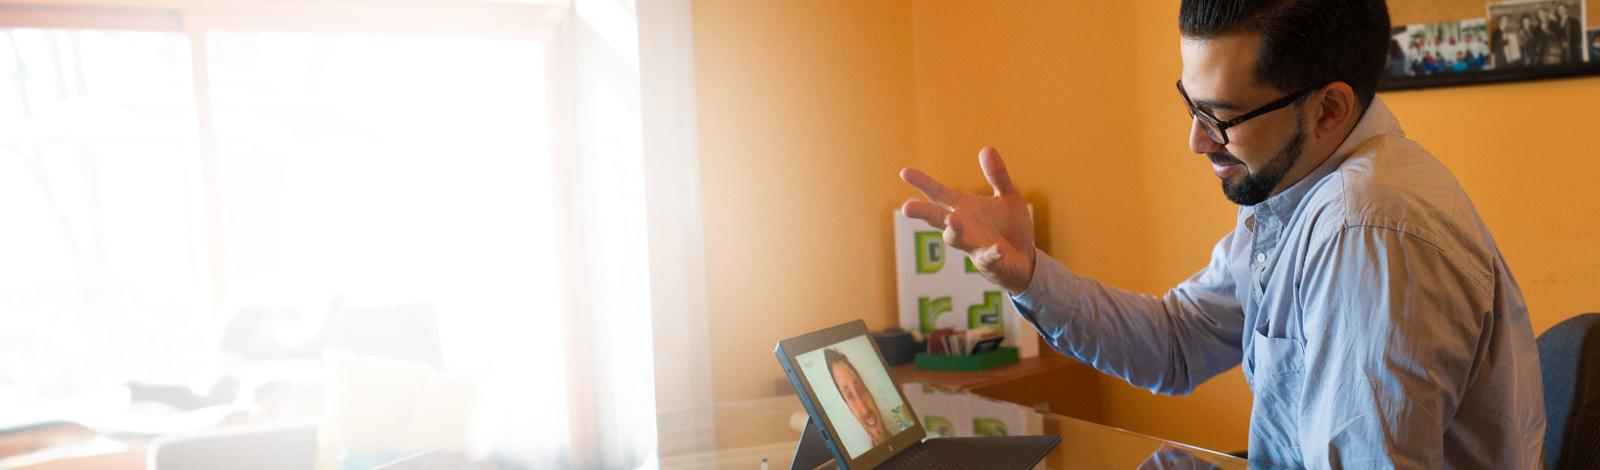 Un hombre en una mesa utilizando Office 365 para una videoconferencia en una tableta.